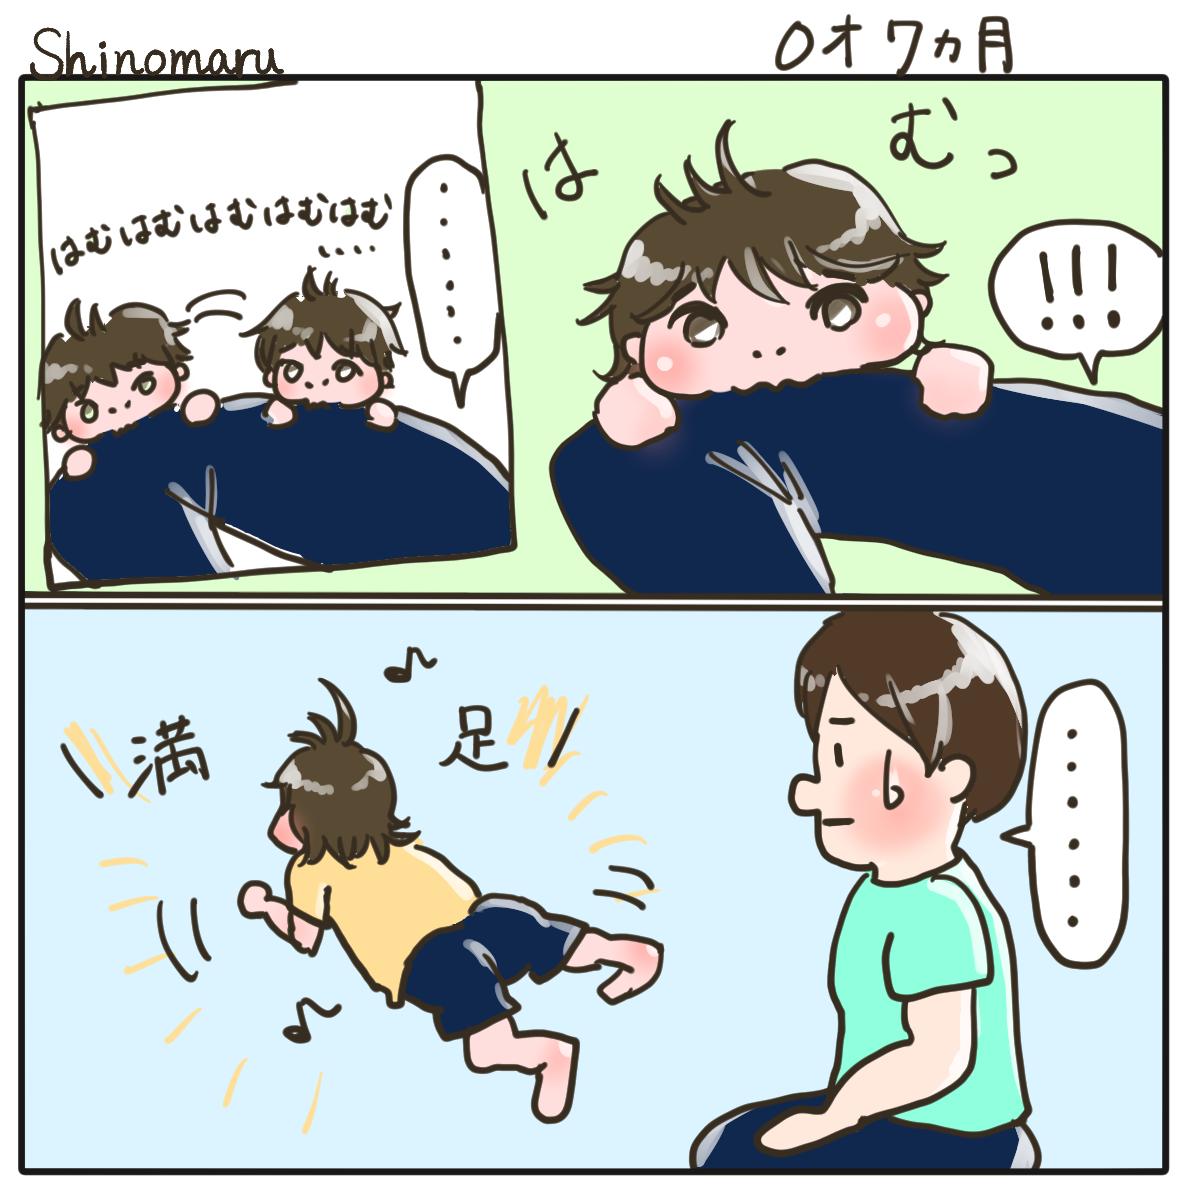 f:id:Shinomaru:20210602214712p:plain